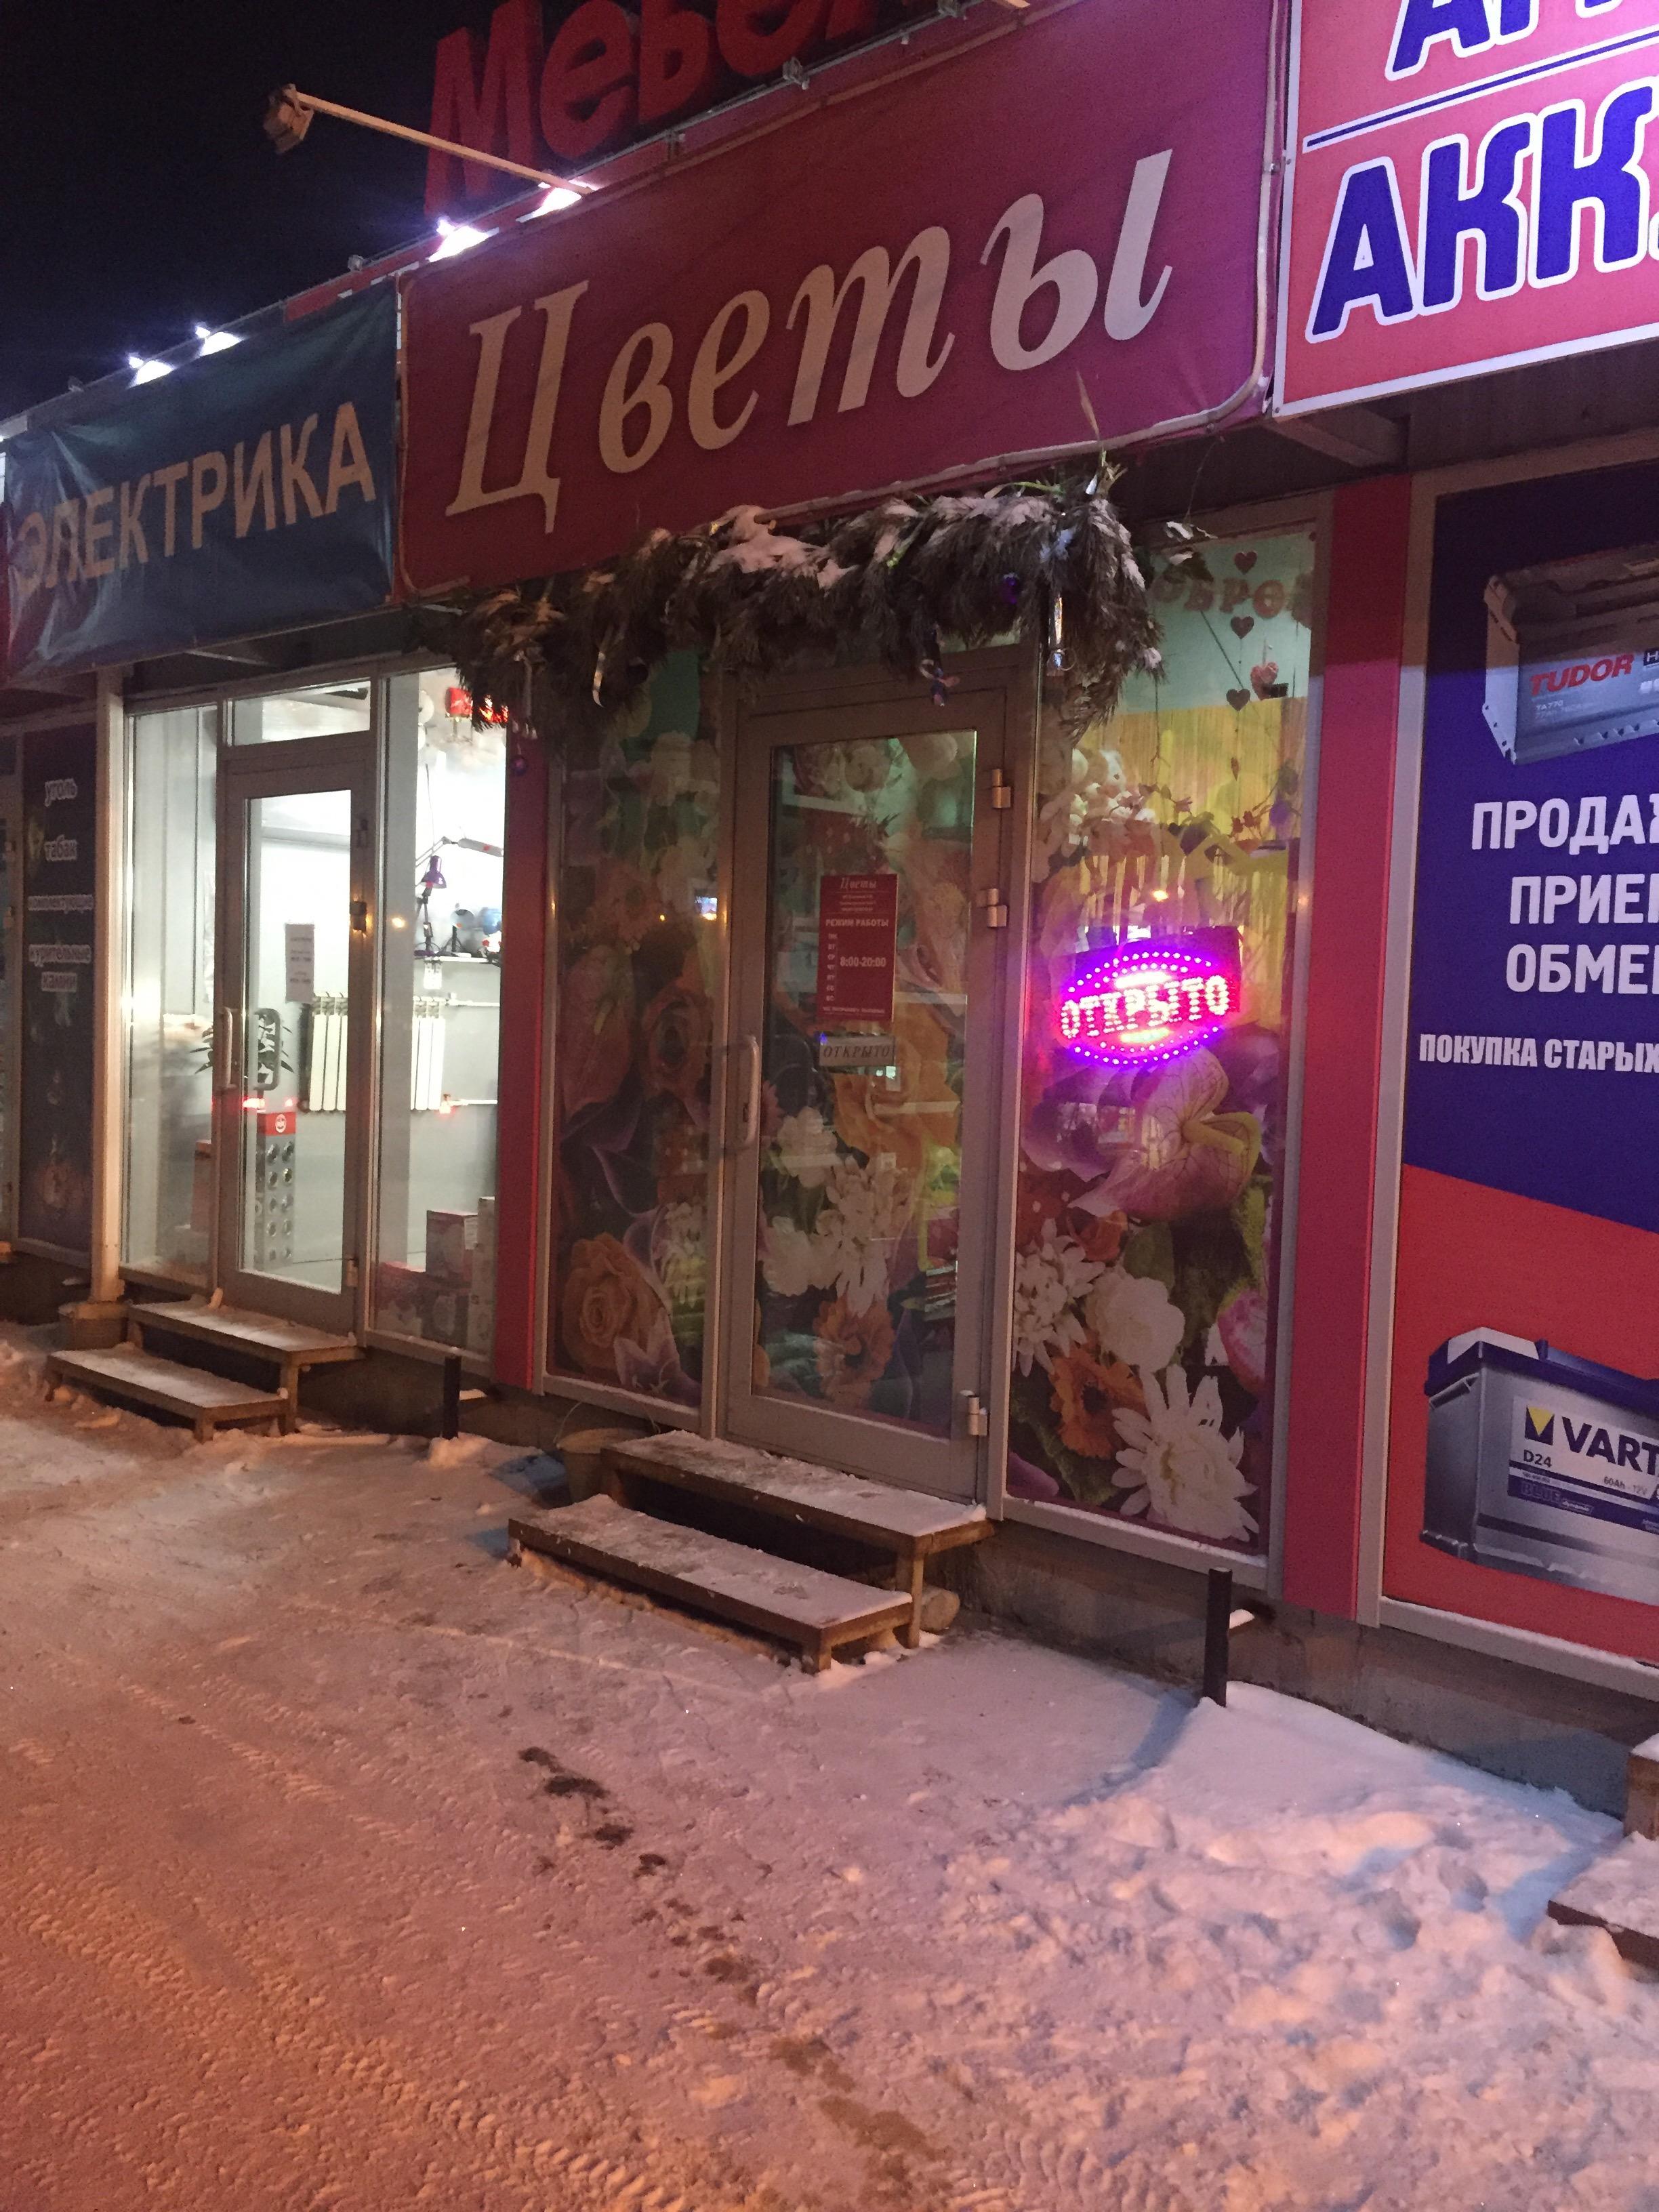 Оптовка цветов ул соколовая горад, интернет магазин омск